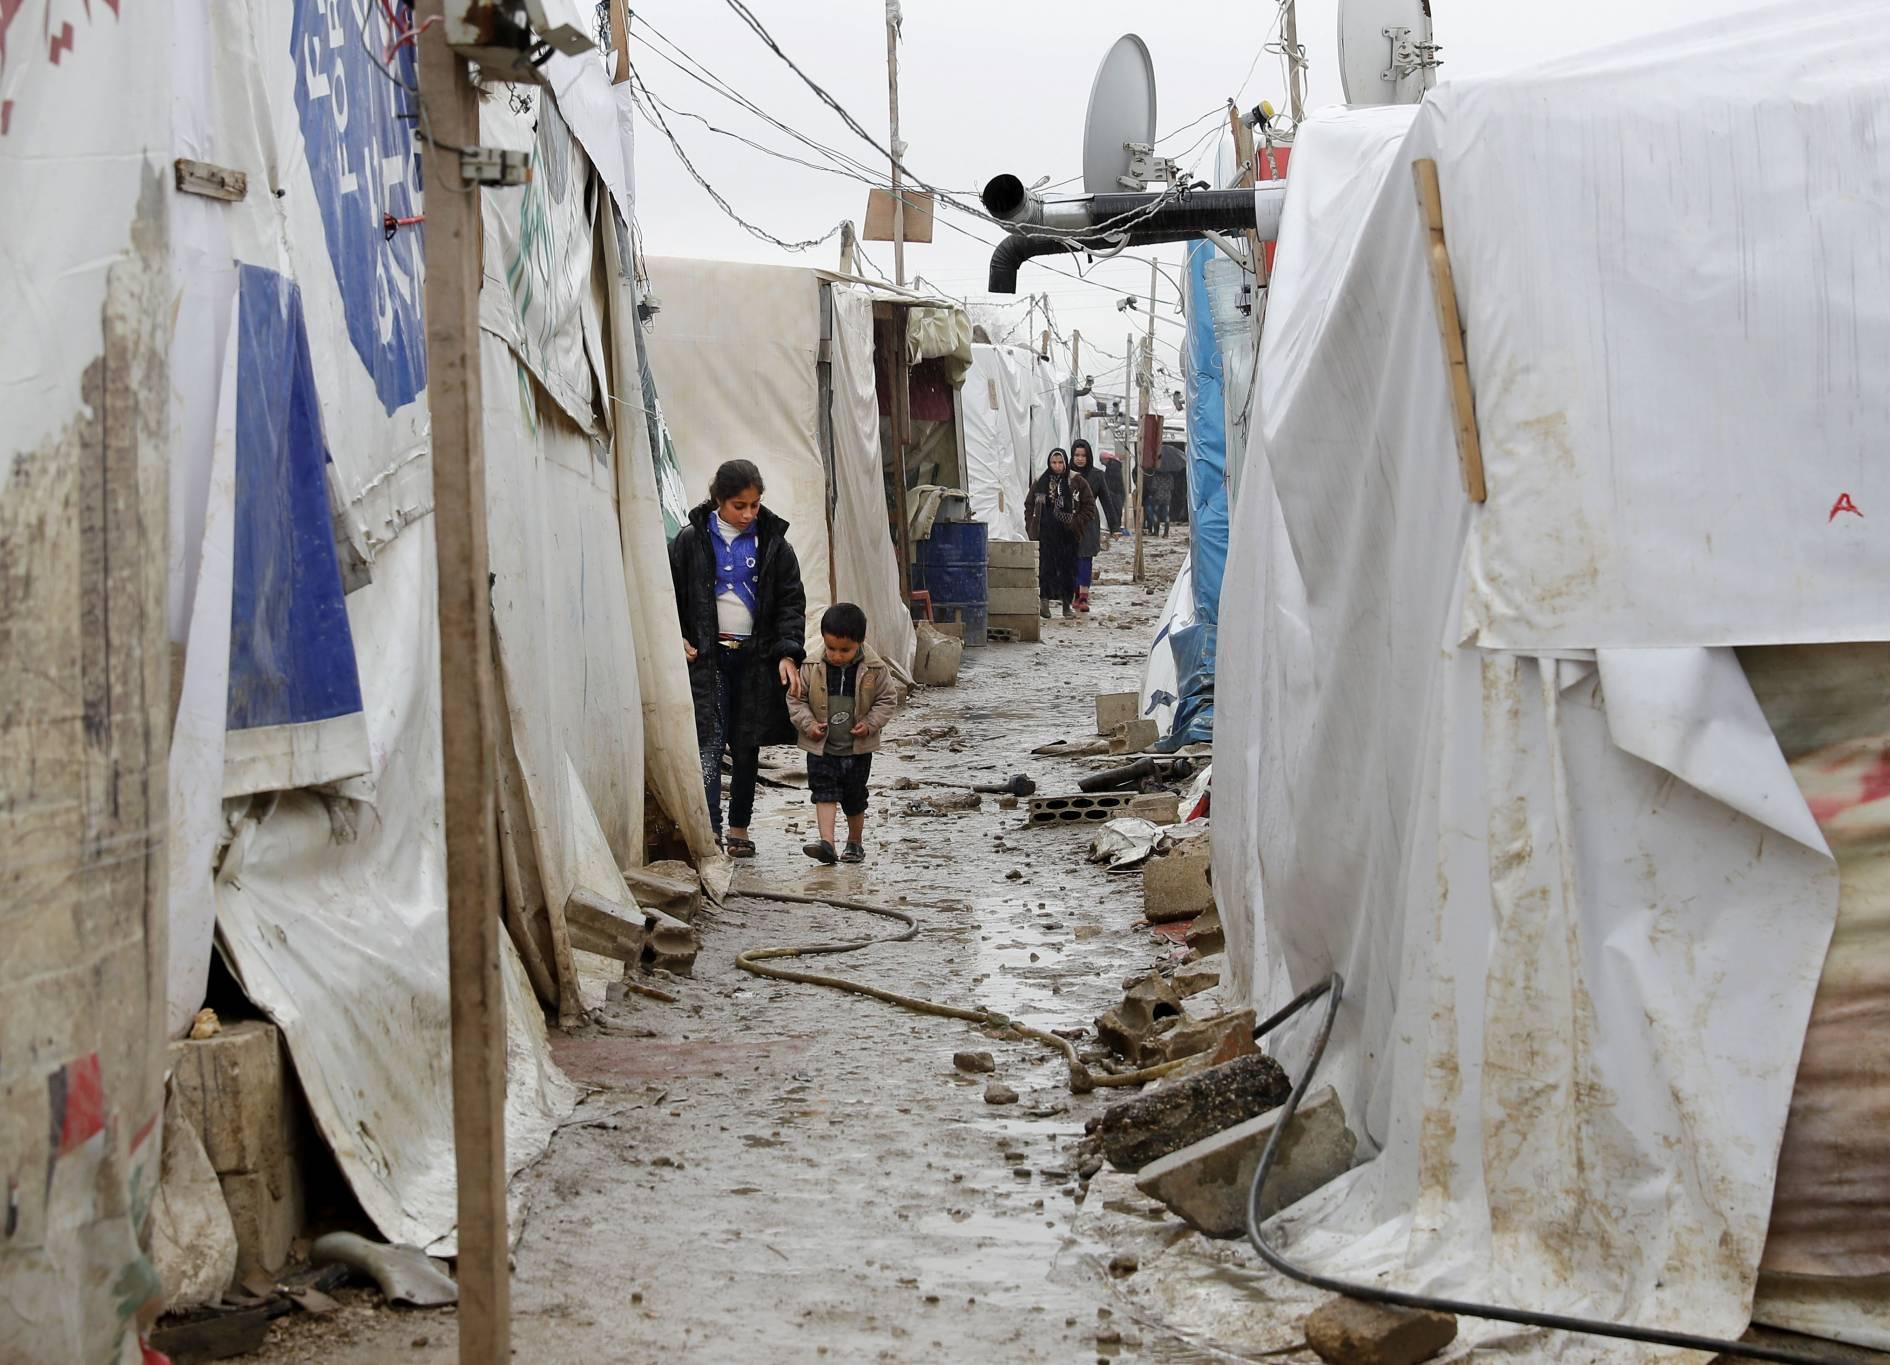 Réfugiés syriens : plus d'une famille sur deux en situation d'extrême pauvreté